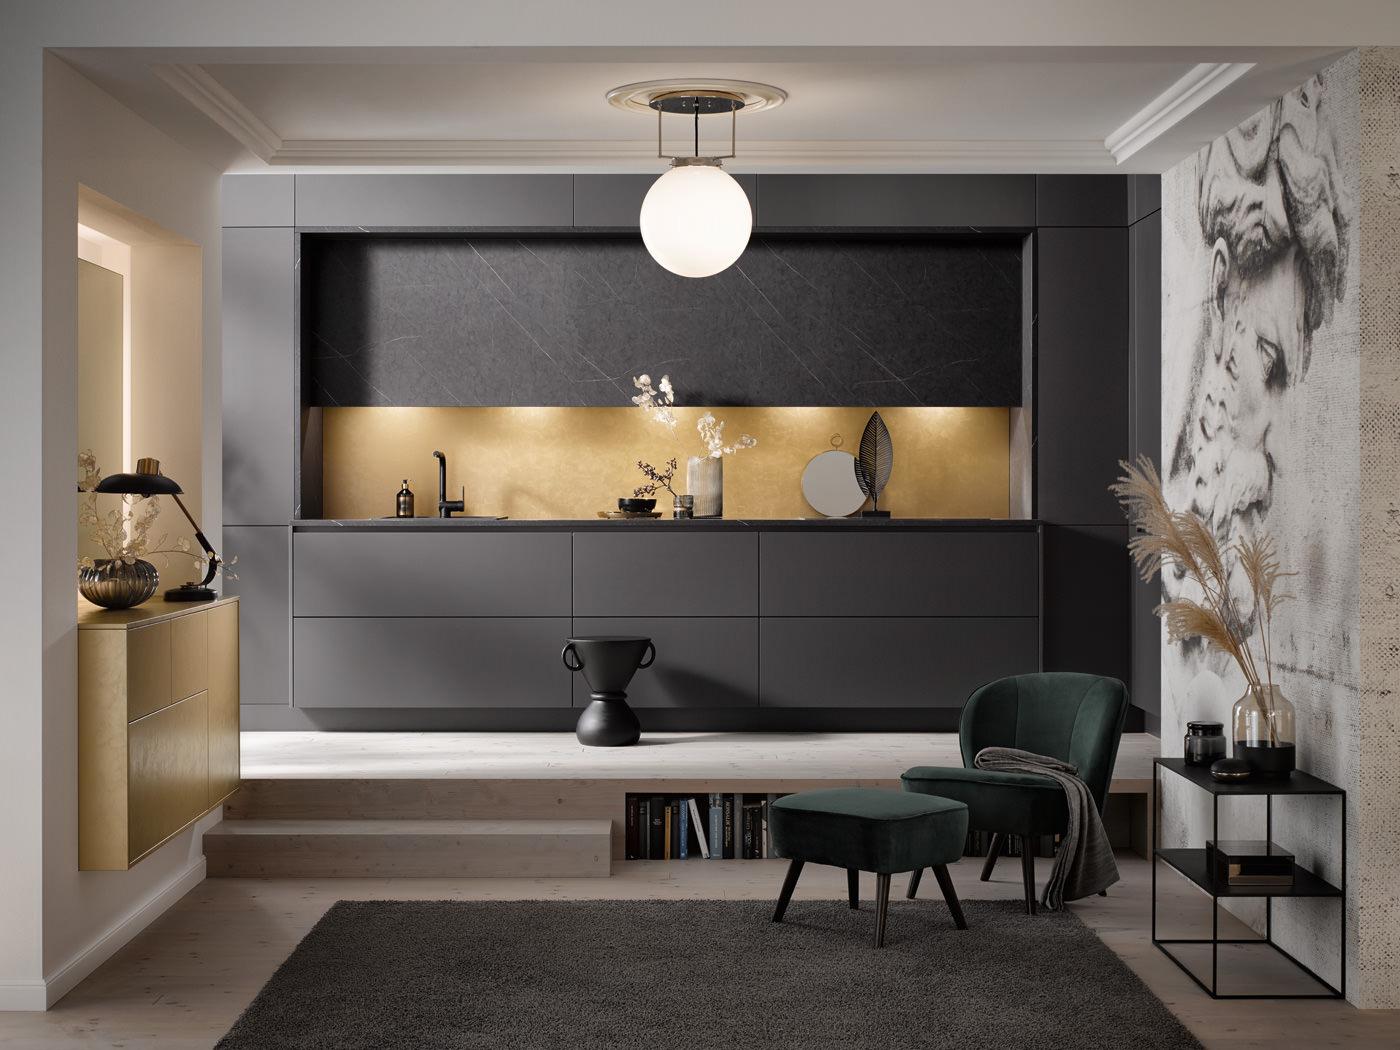 elementa – die Zukunft moderner Designküchen